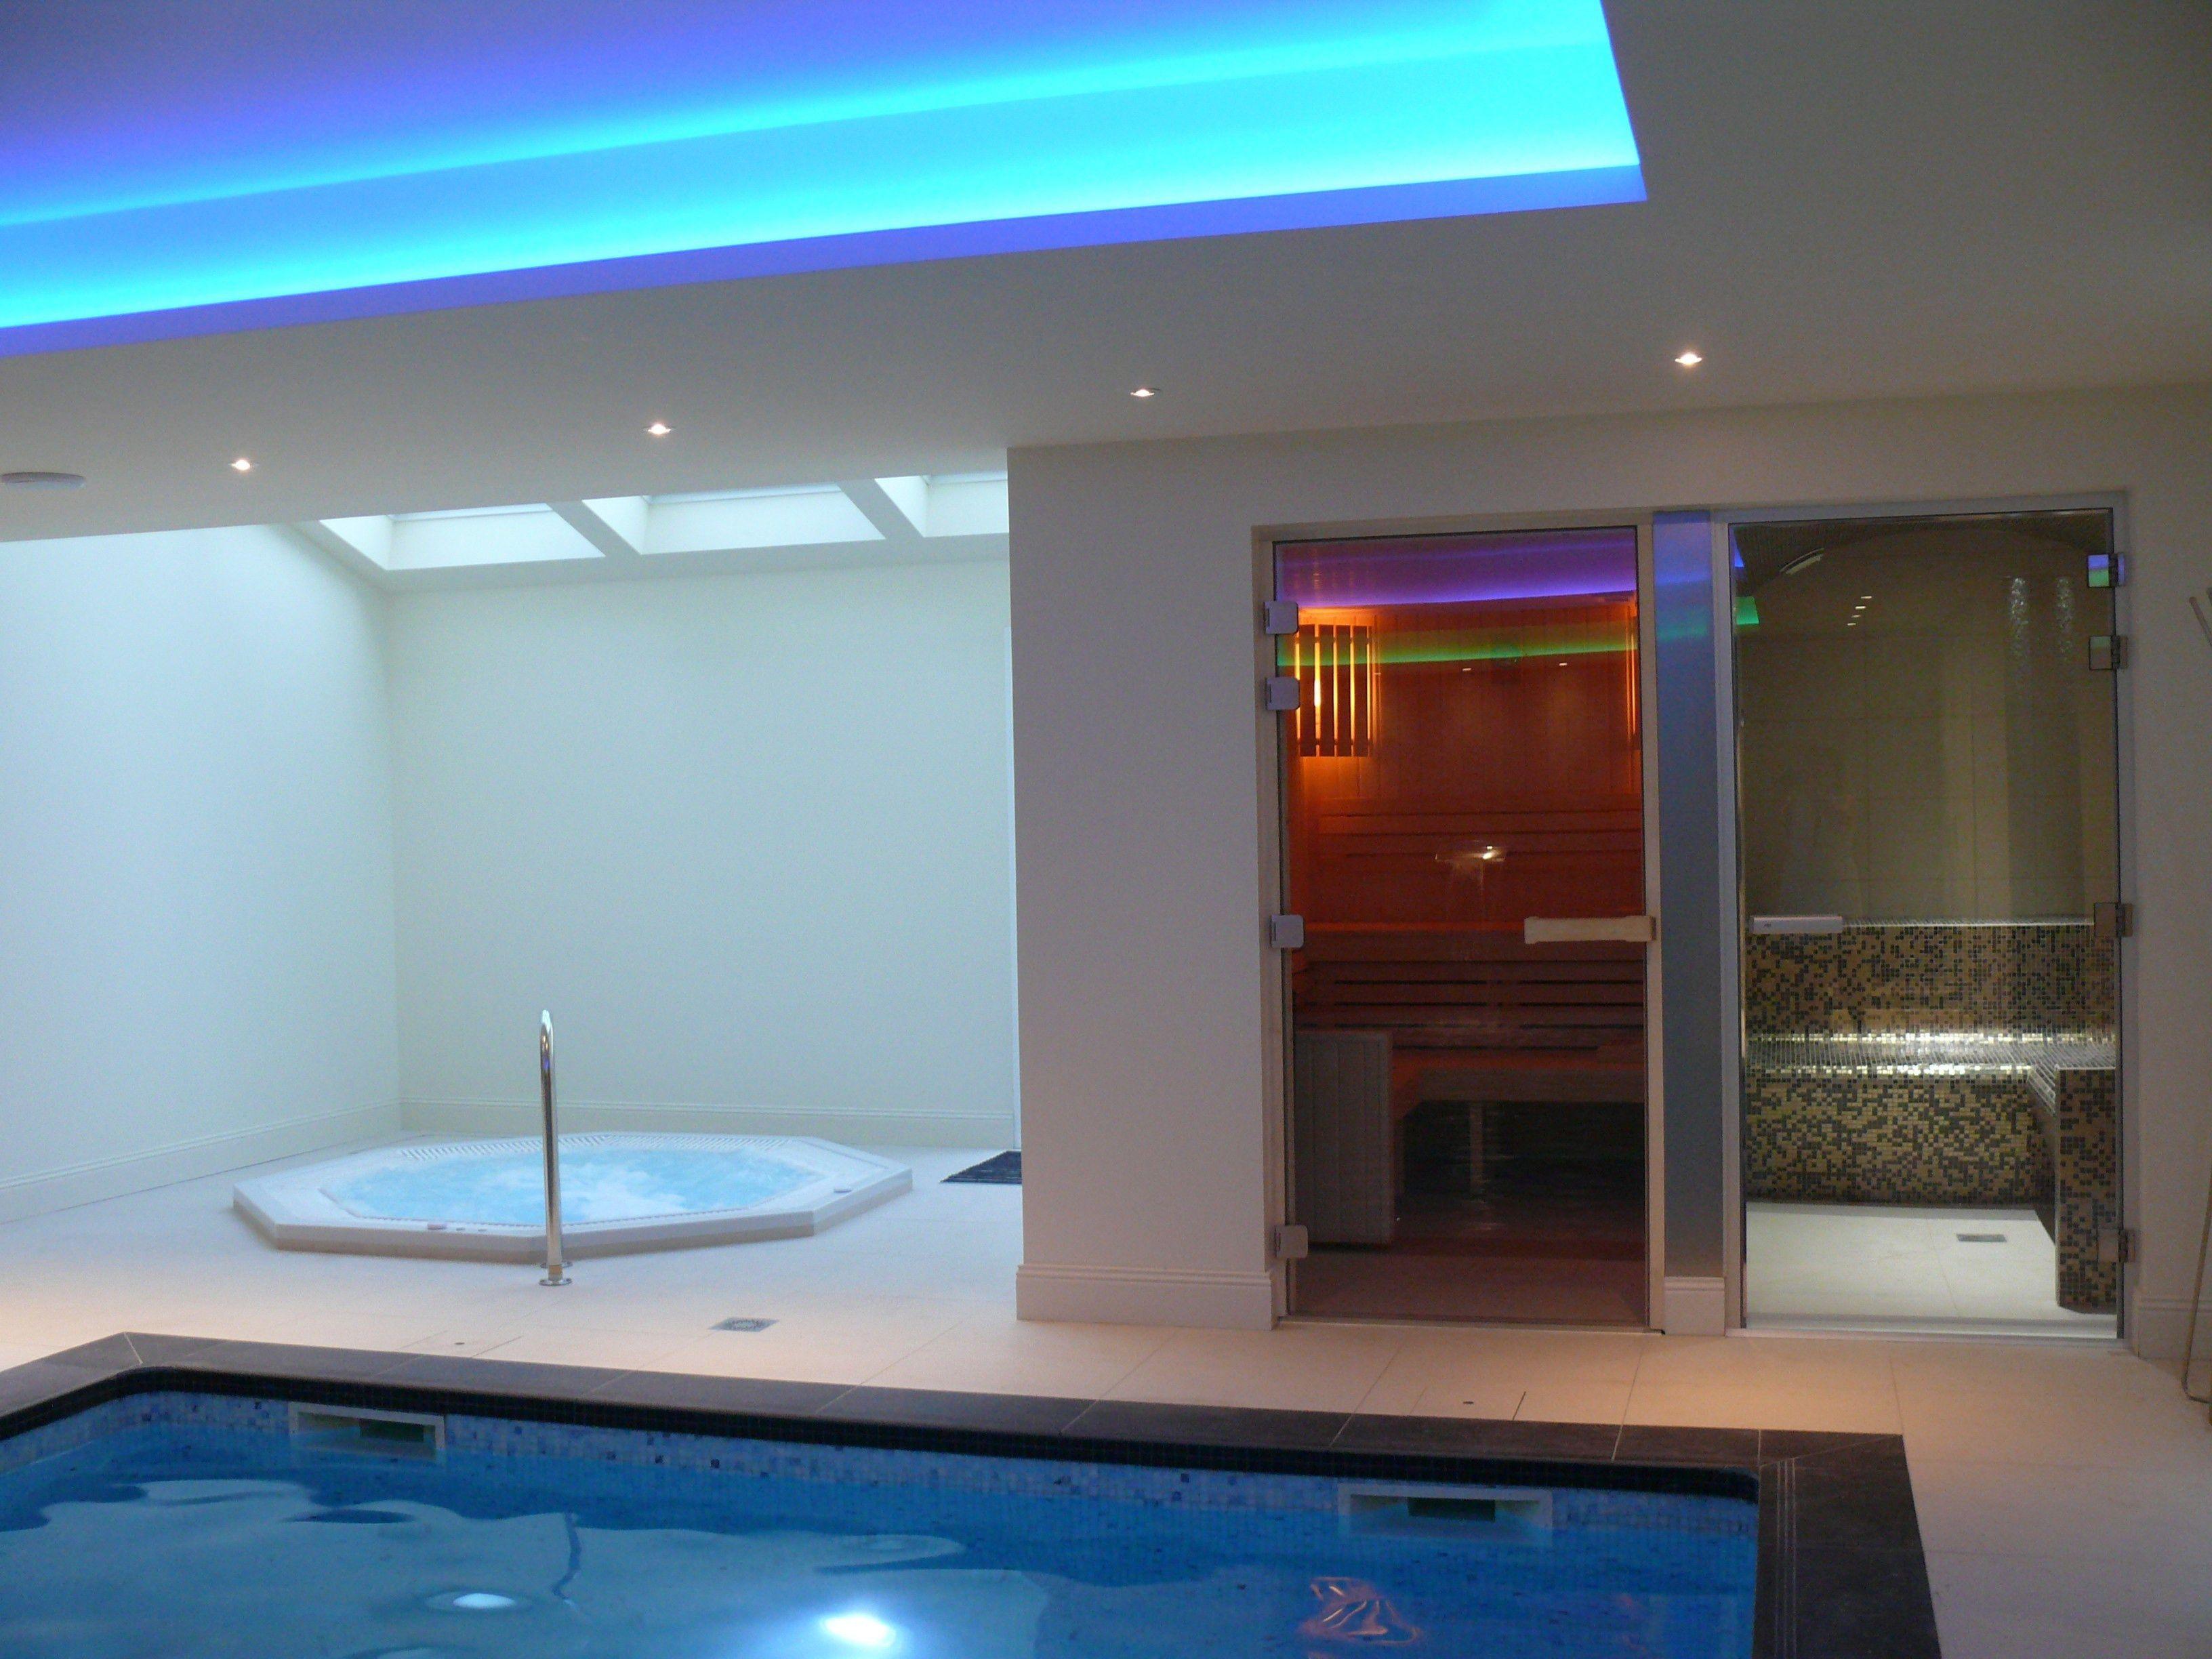 New Sauna Lille Pas Cher Idees Pour La Maison Maison Hotel Jacuzzi